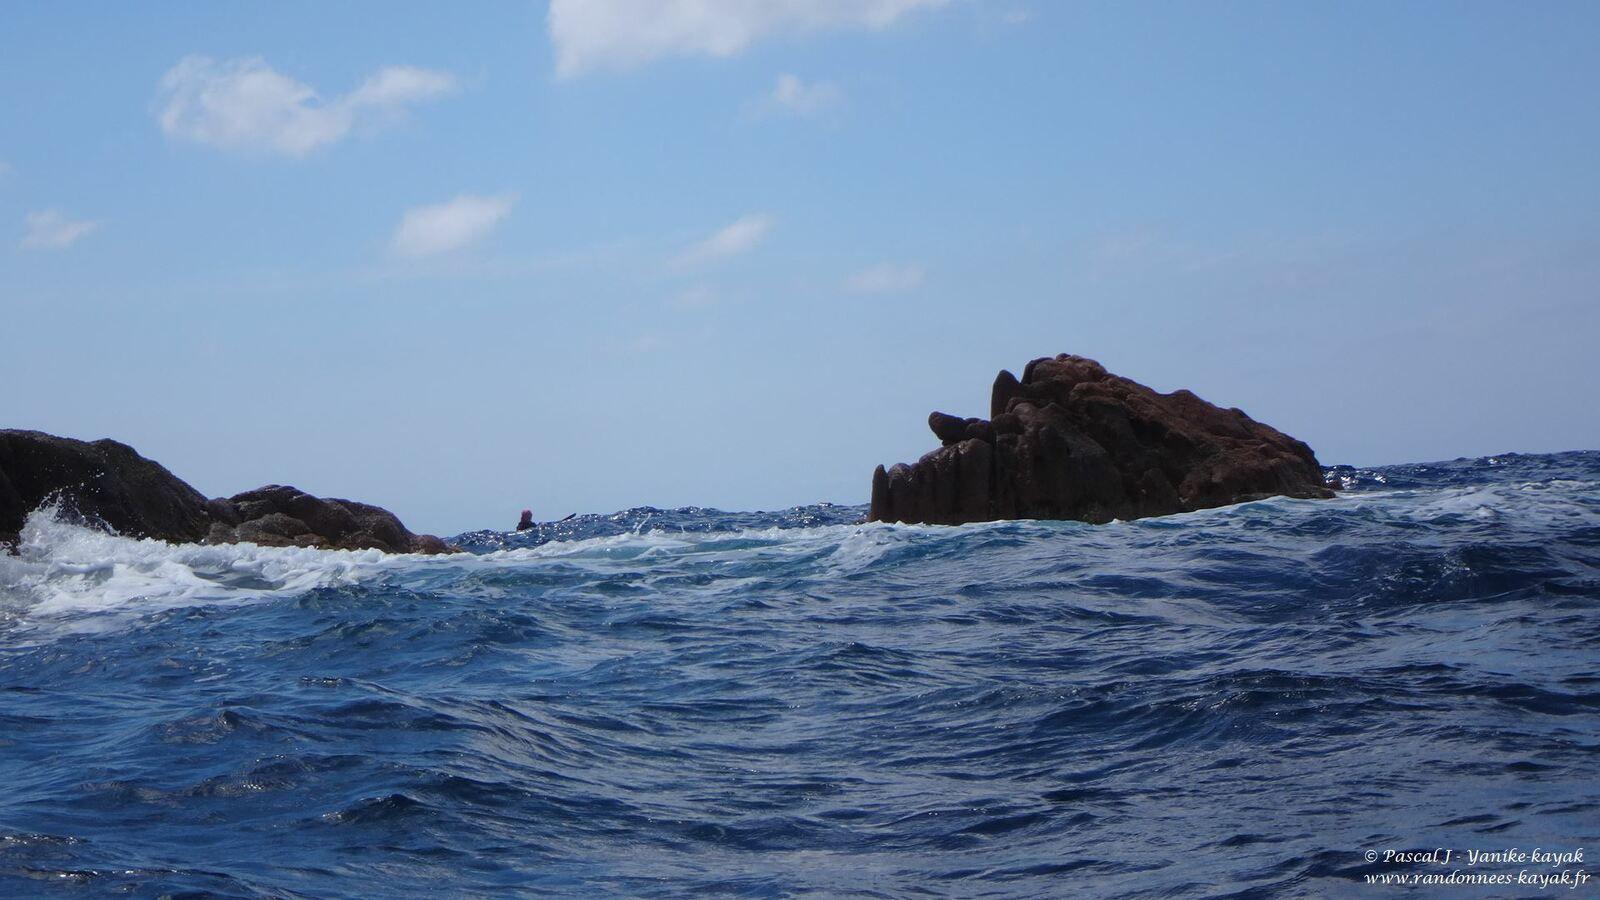 Corsica 2021, la beauté, essentielle, de la nature - Chapitre 11 : Calanche de Piana et Capo Rosso